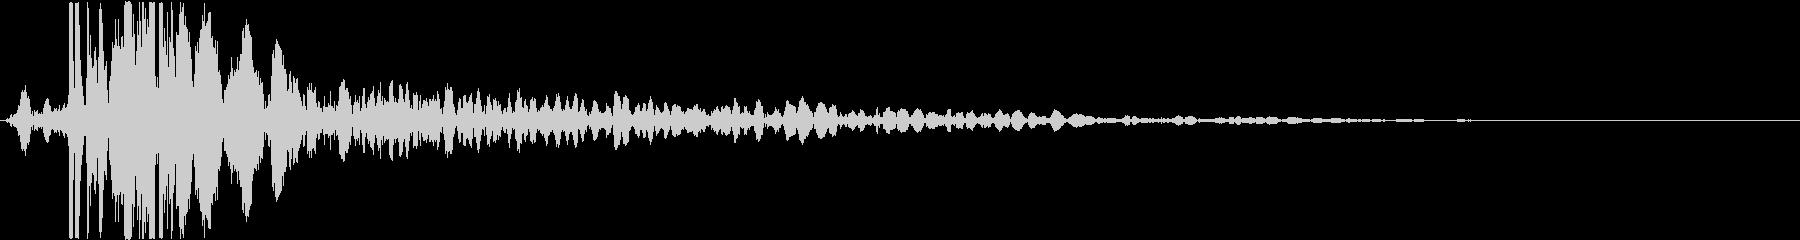 【銃】 30 ハンドガン ドンッの未再生の波形